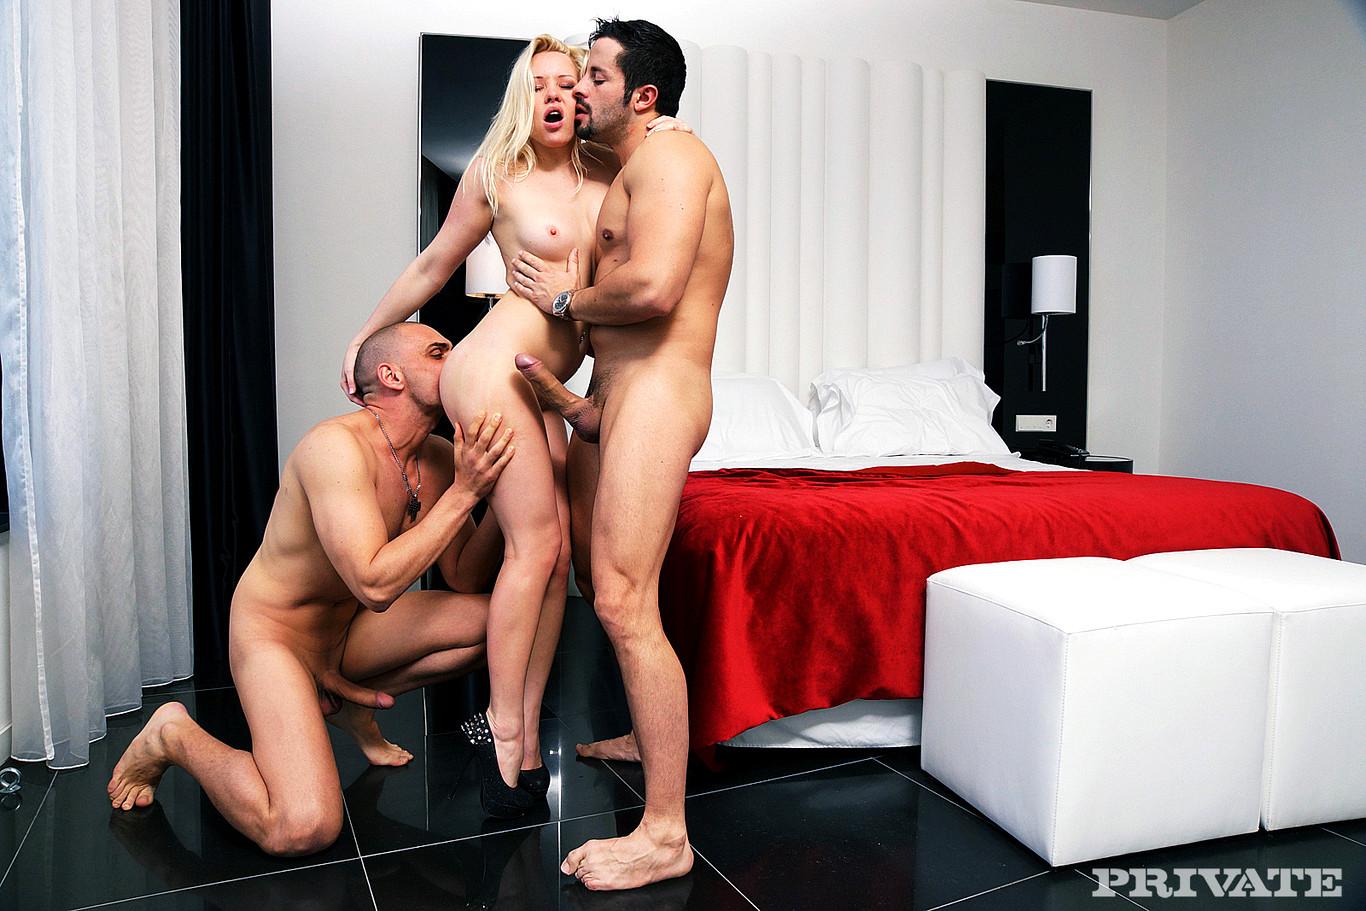 Порно фильм грязный секс, смотреть порно онлайн молодую жену ебет свекр